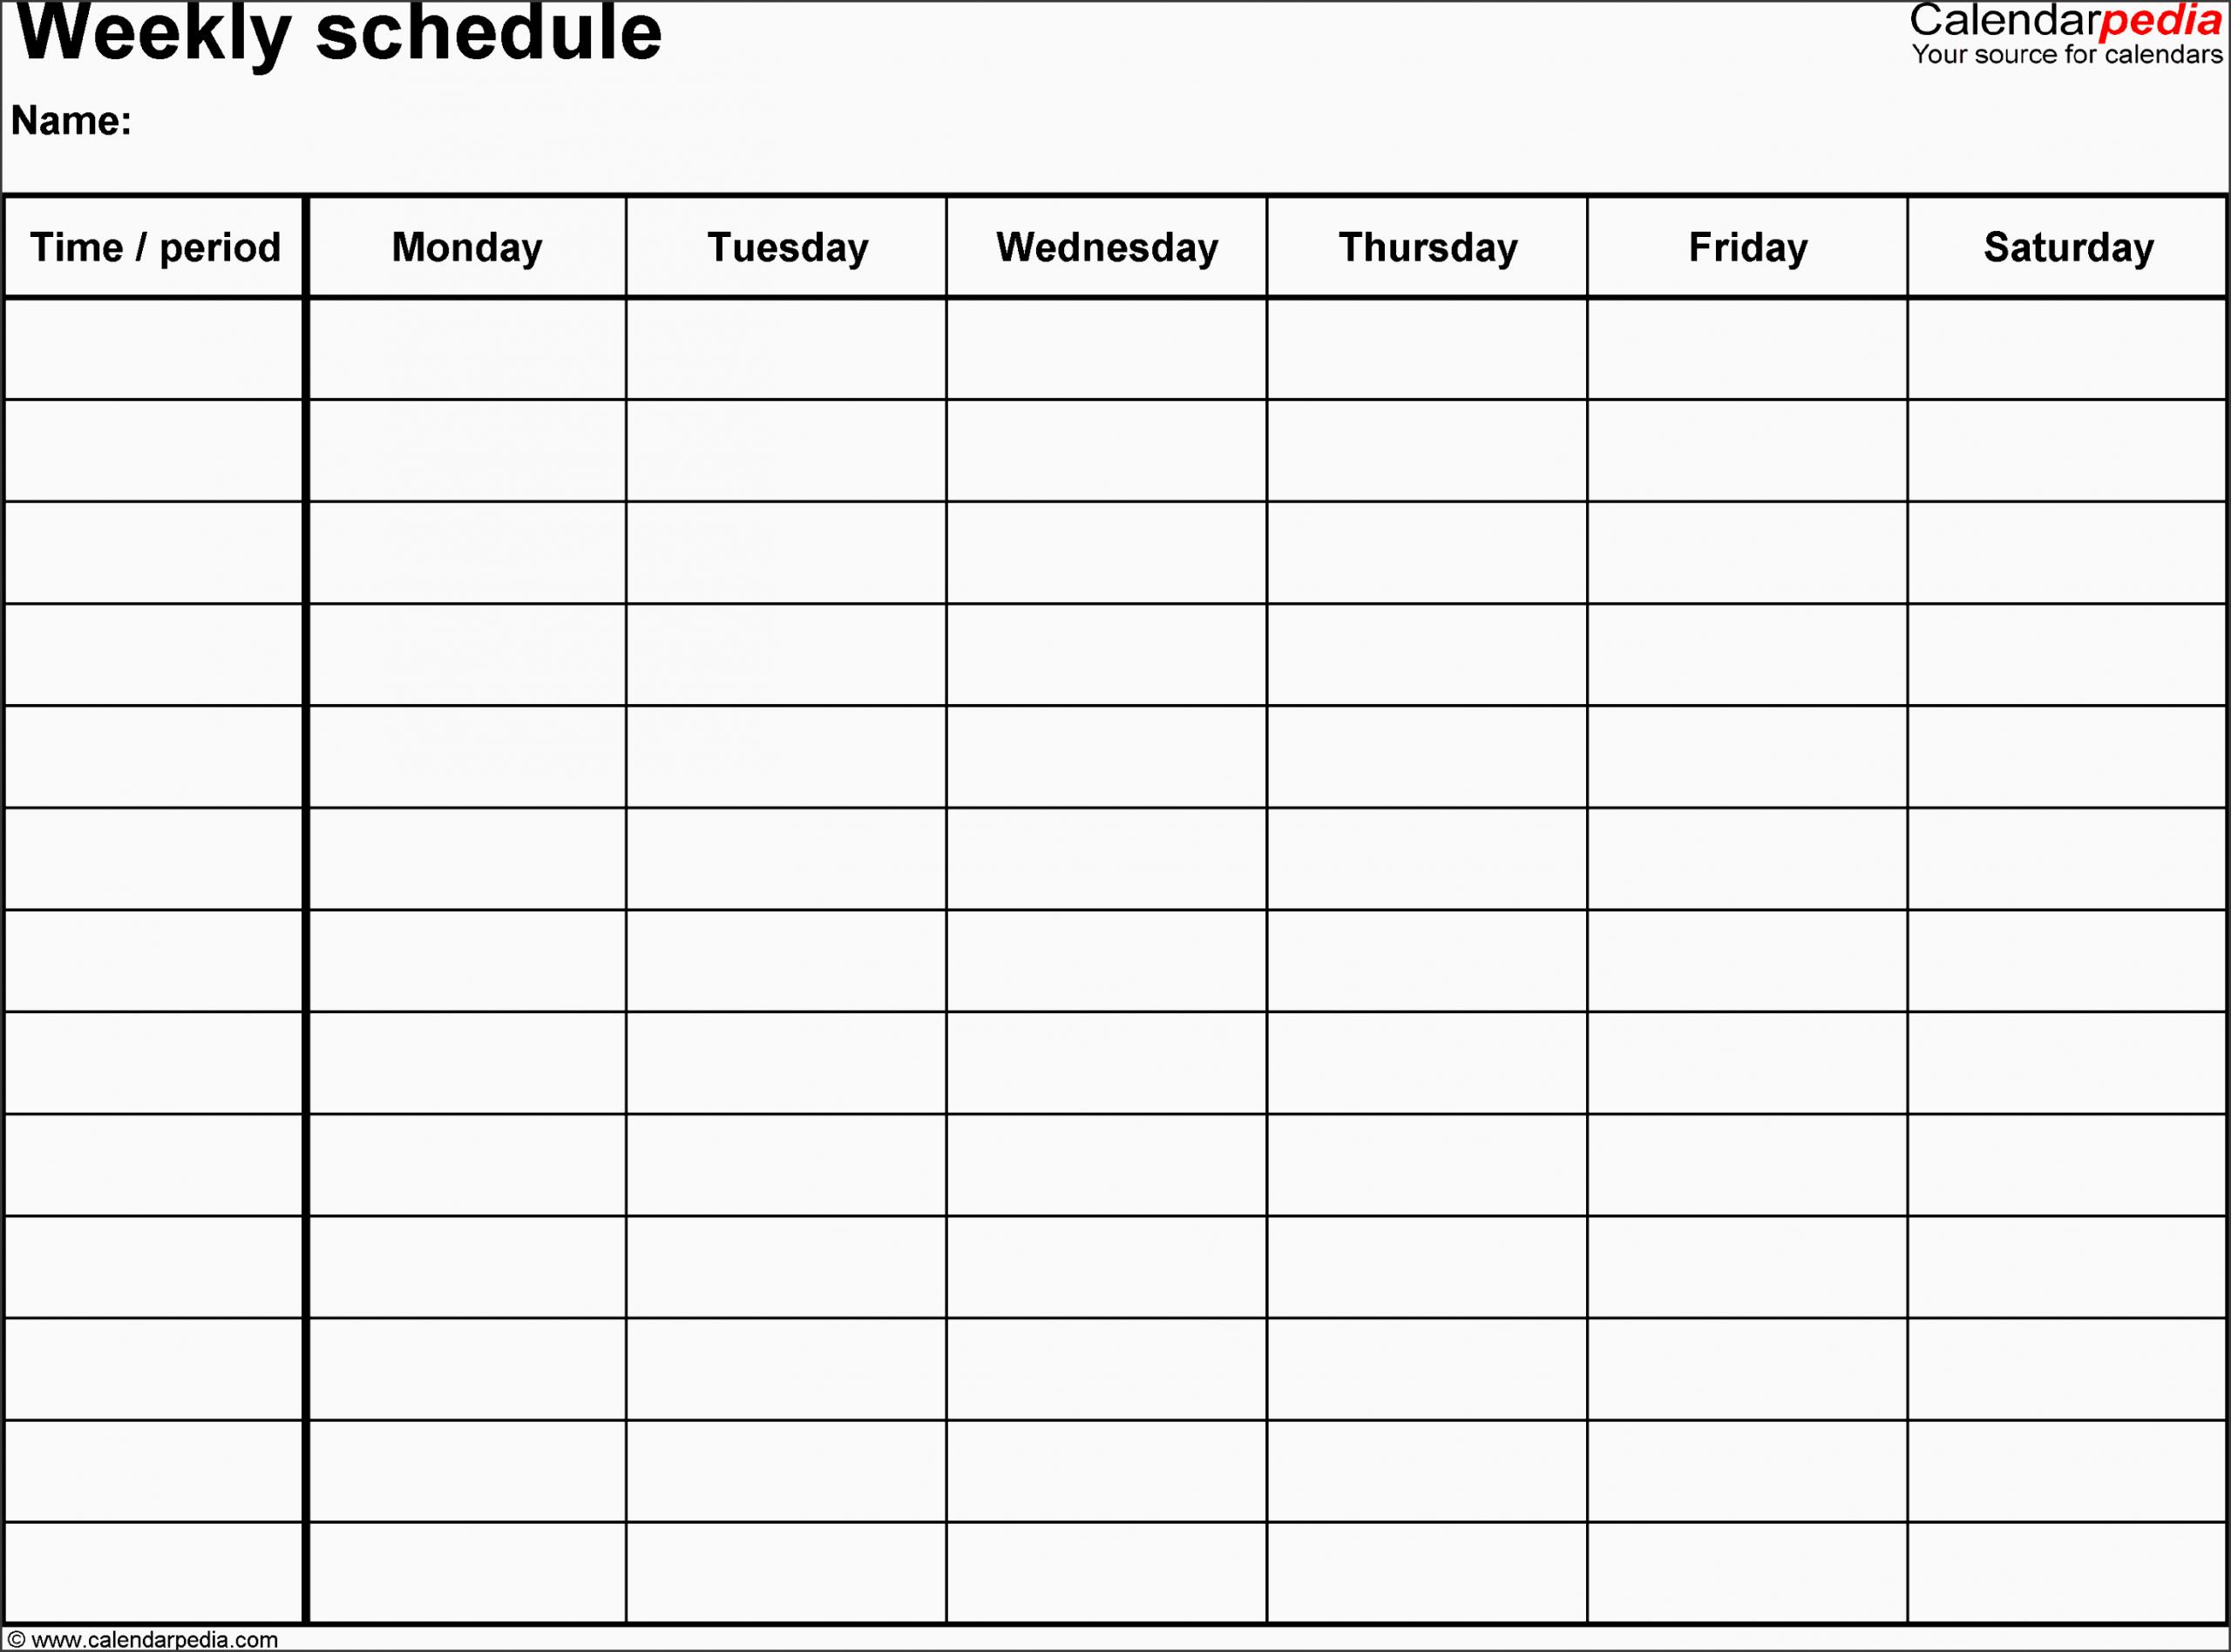 11 Employee Daily Planner Template - Sampletemplatess 8 Week Calendar Doc